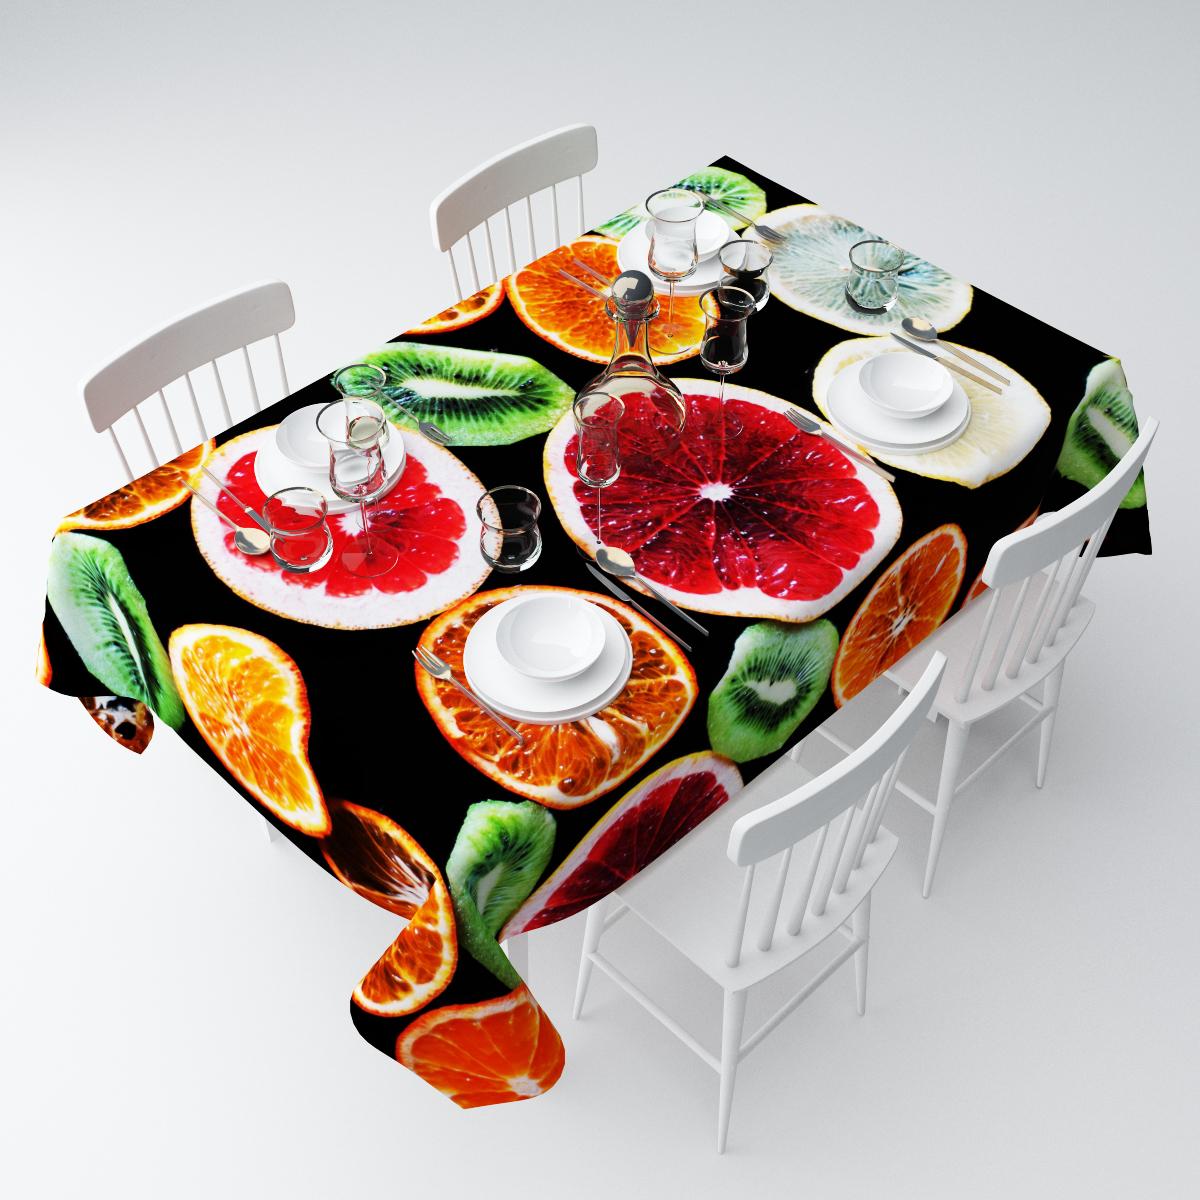 """Прямоугольная скатерть Сирень """"Витамины"""", выполненная из  габардина с ярким рисунком, преобразит вашу кухню, визуально  расширит пространство, создаст атмосферу радости и комфорта.    Рекомендации по уходу: стирка при 30 градусах, гладить при температуре до 110  градусов.   Размер скатерти: 145 х 120 см.  Изображение может немного отличаться от реального."""